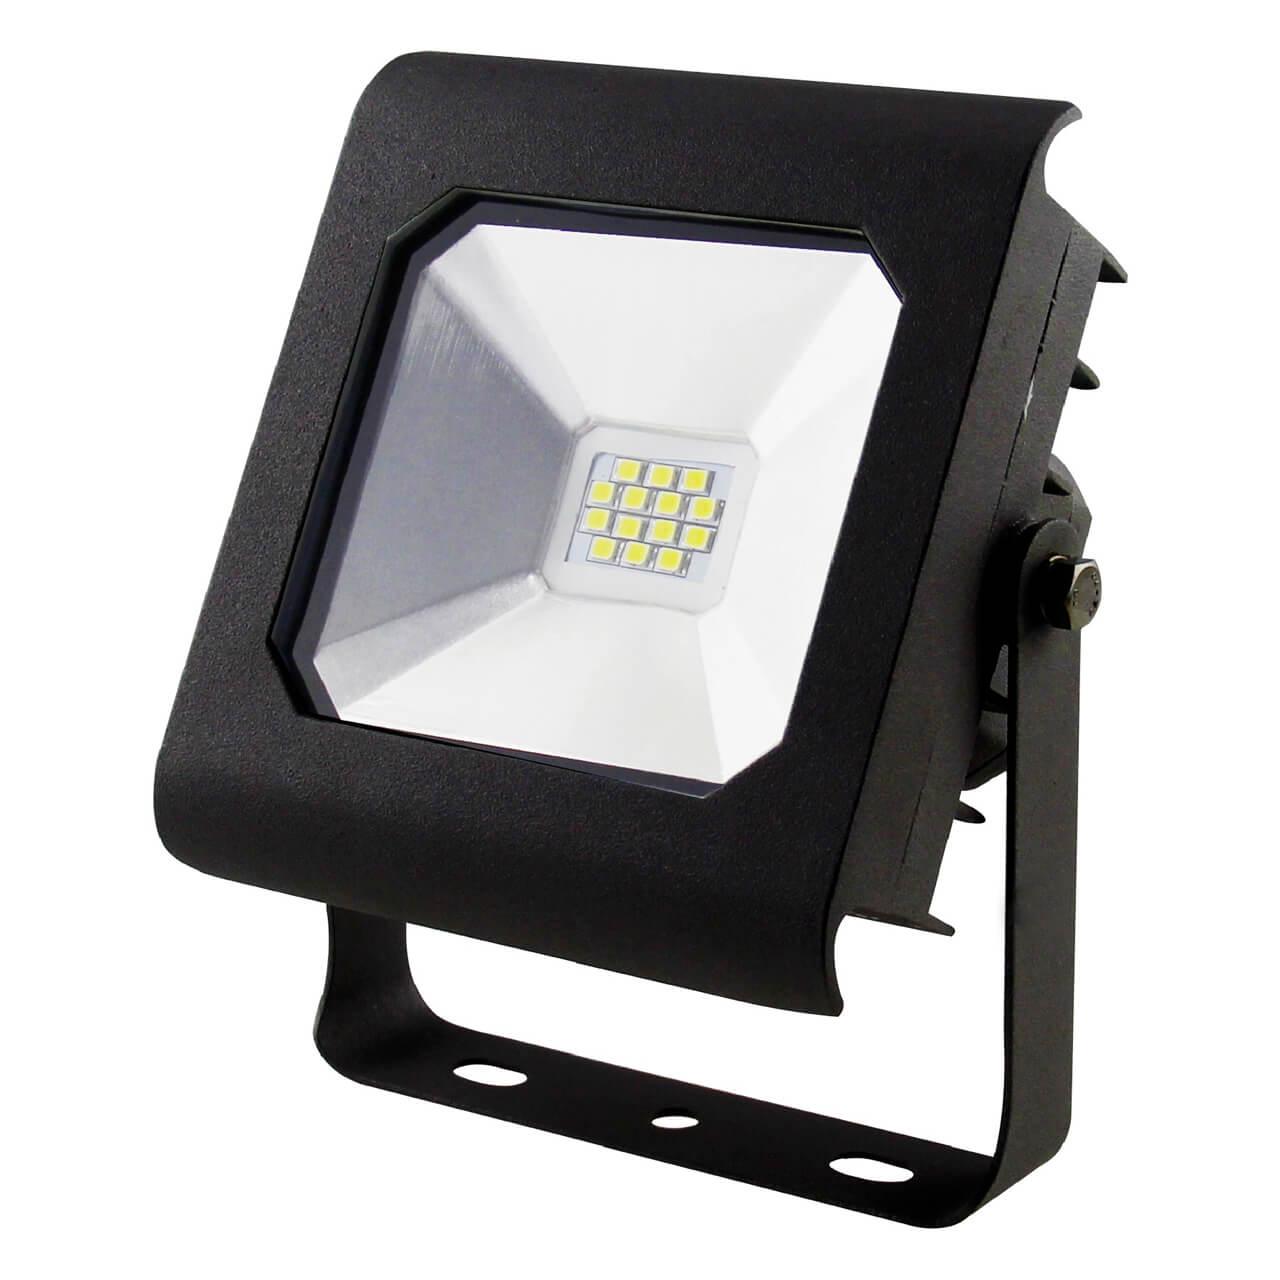 Прожектор ЭРА LPR-10-6500K-M SMD PRO